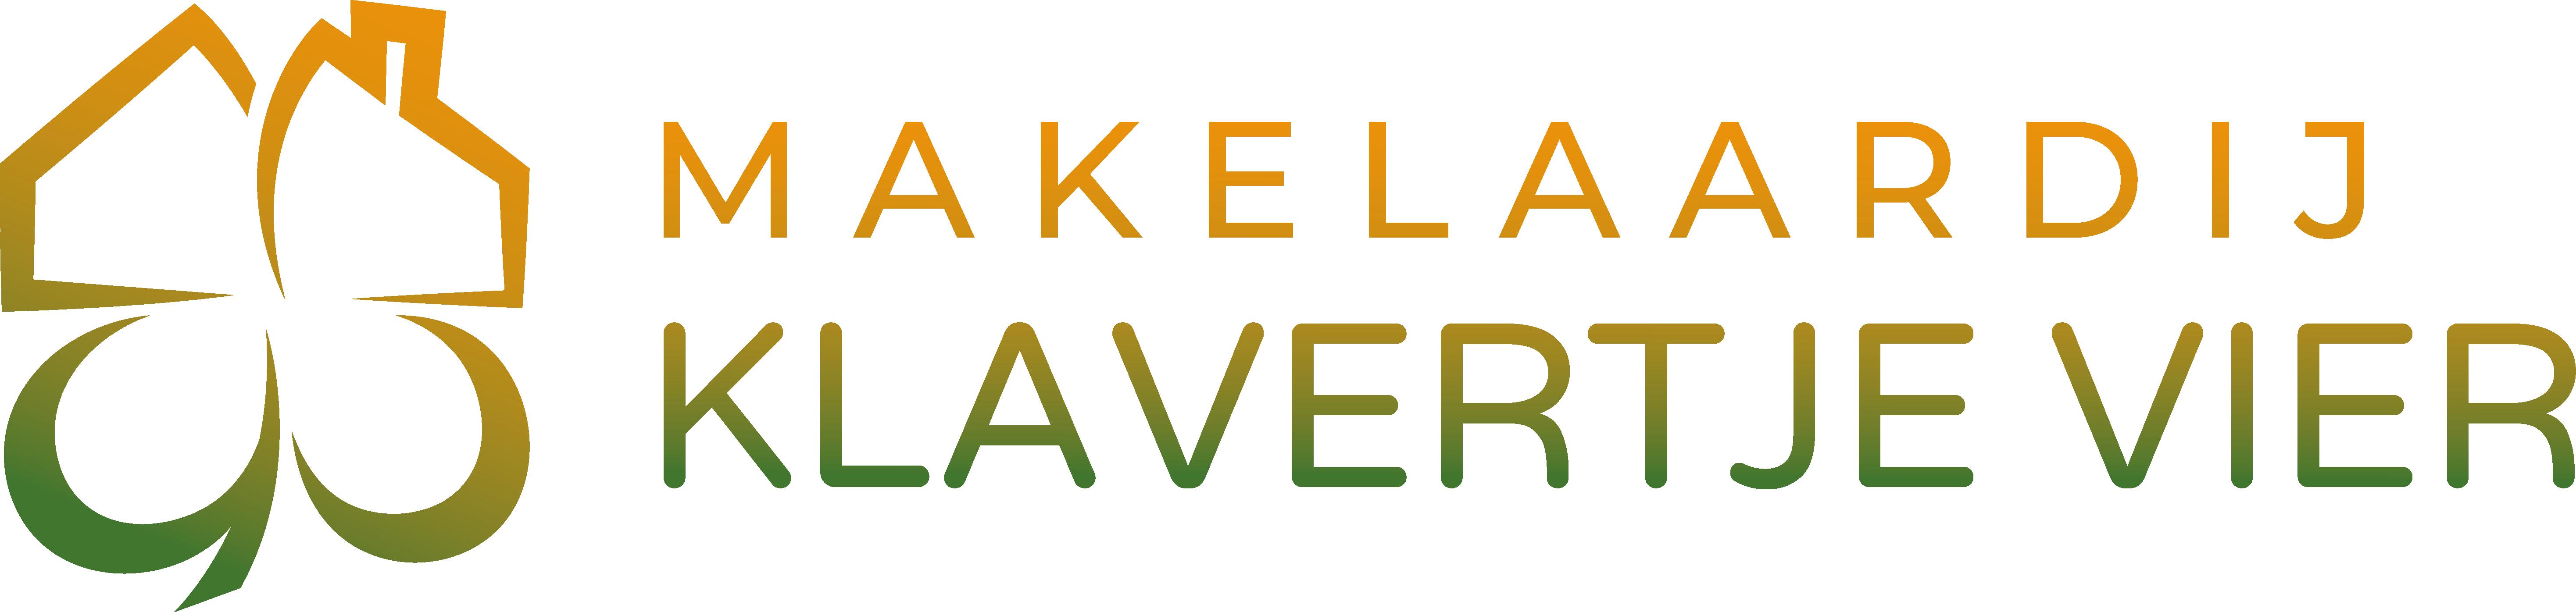 Makelaardij Klavertje Vier - Leens